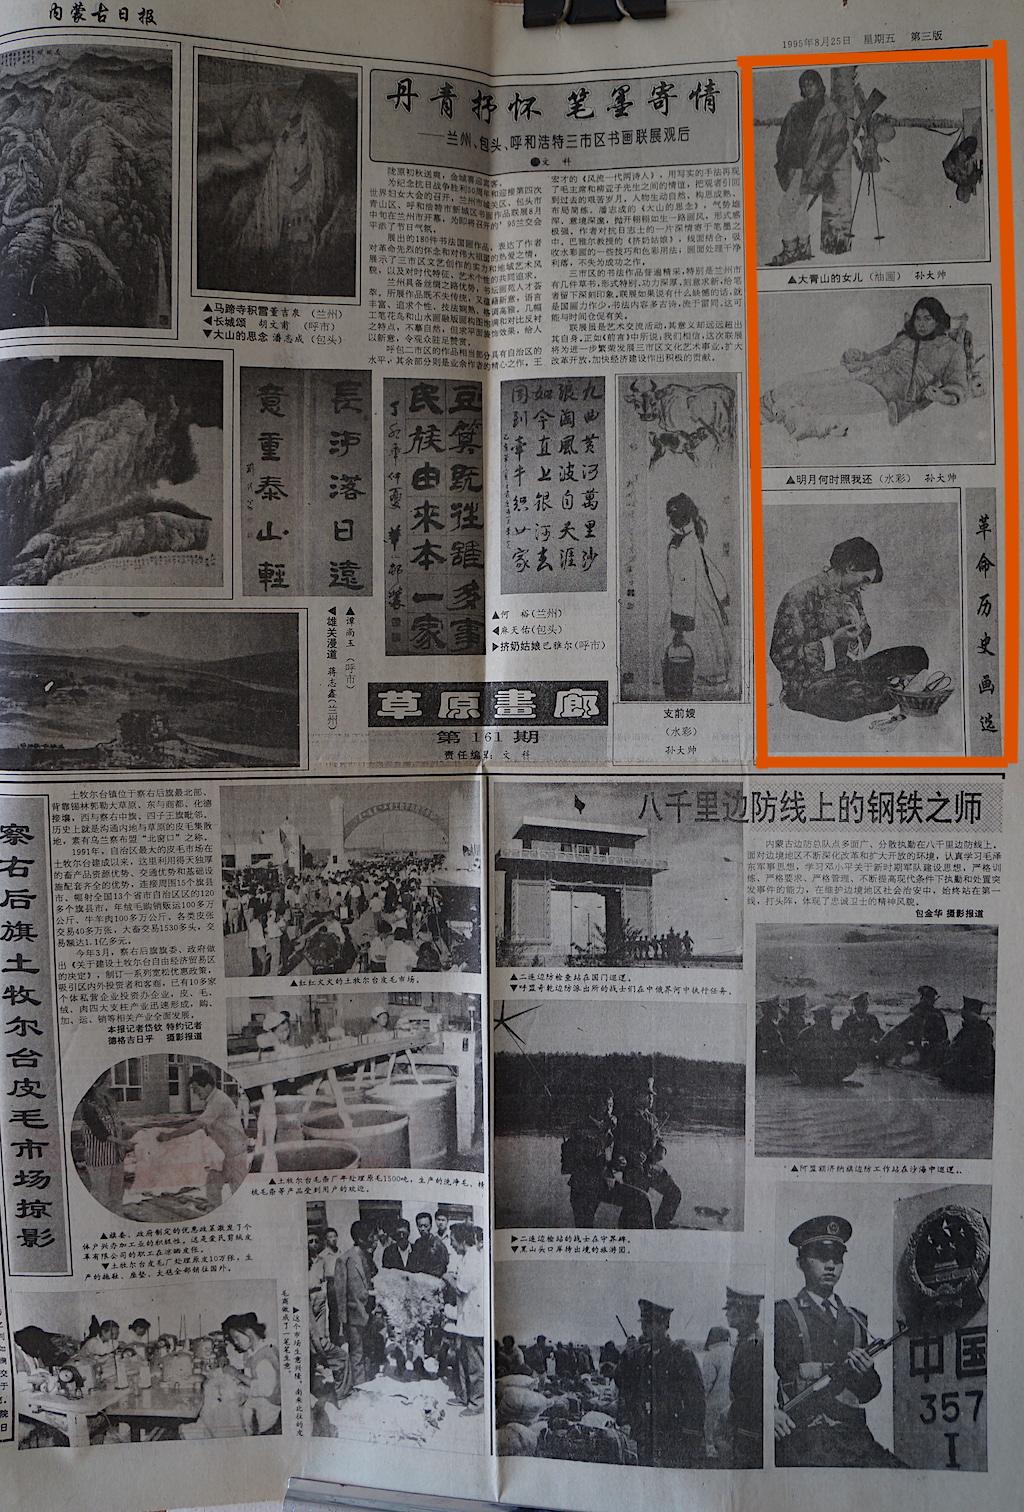 内蒙古日报19950825-02